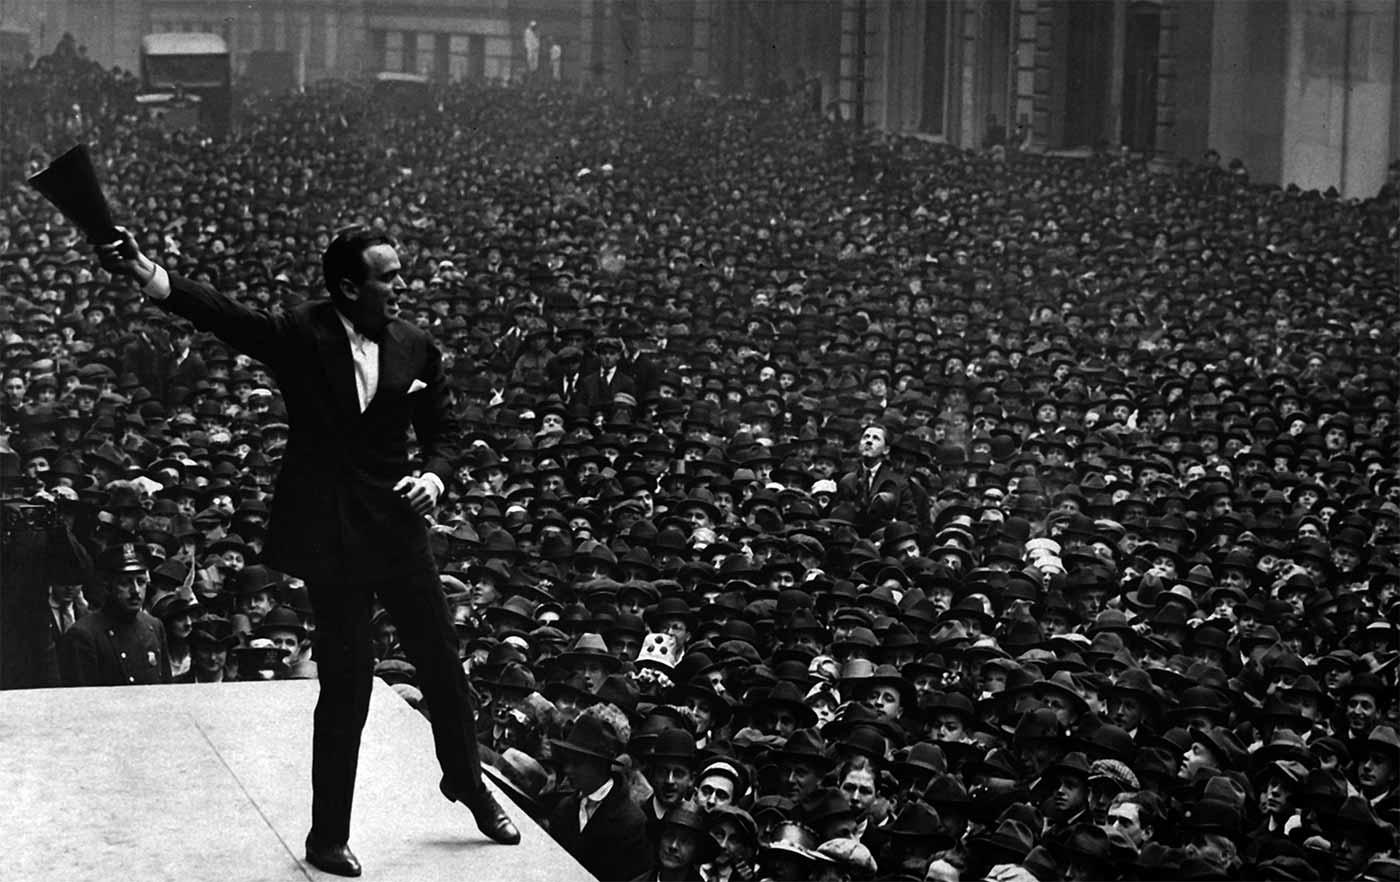 Douglas Fairbanks speaking in New York City.